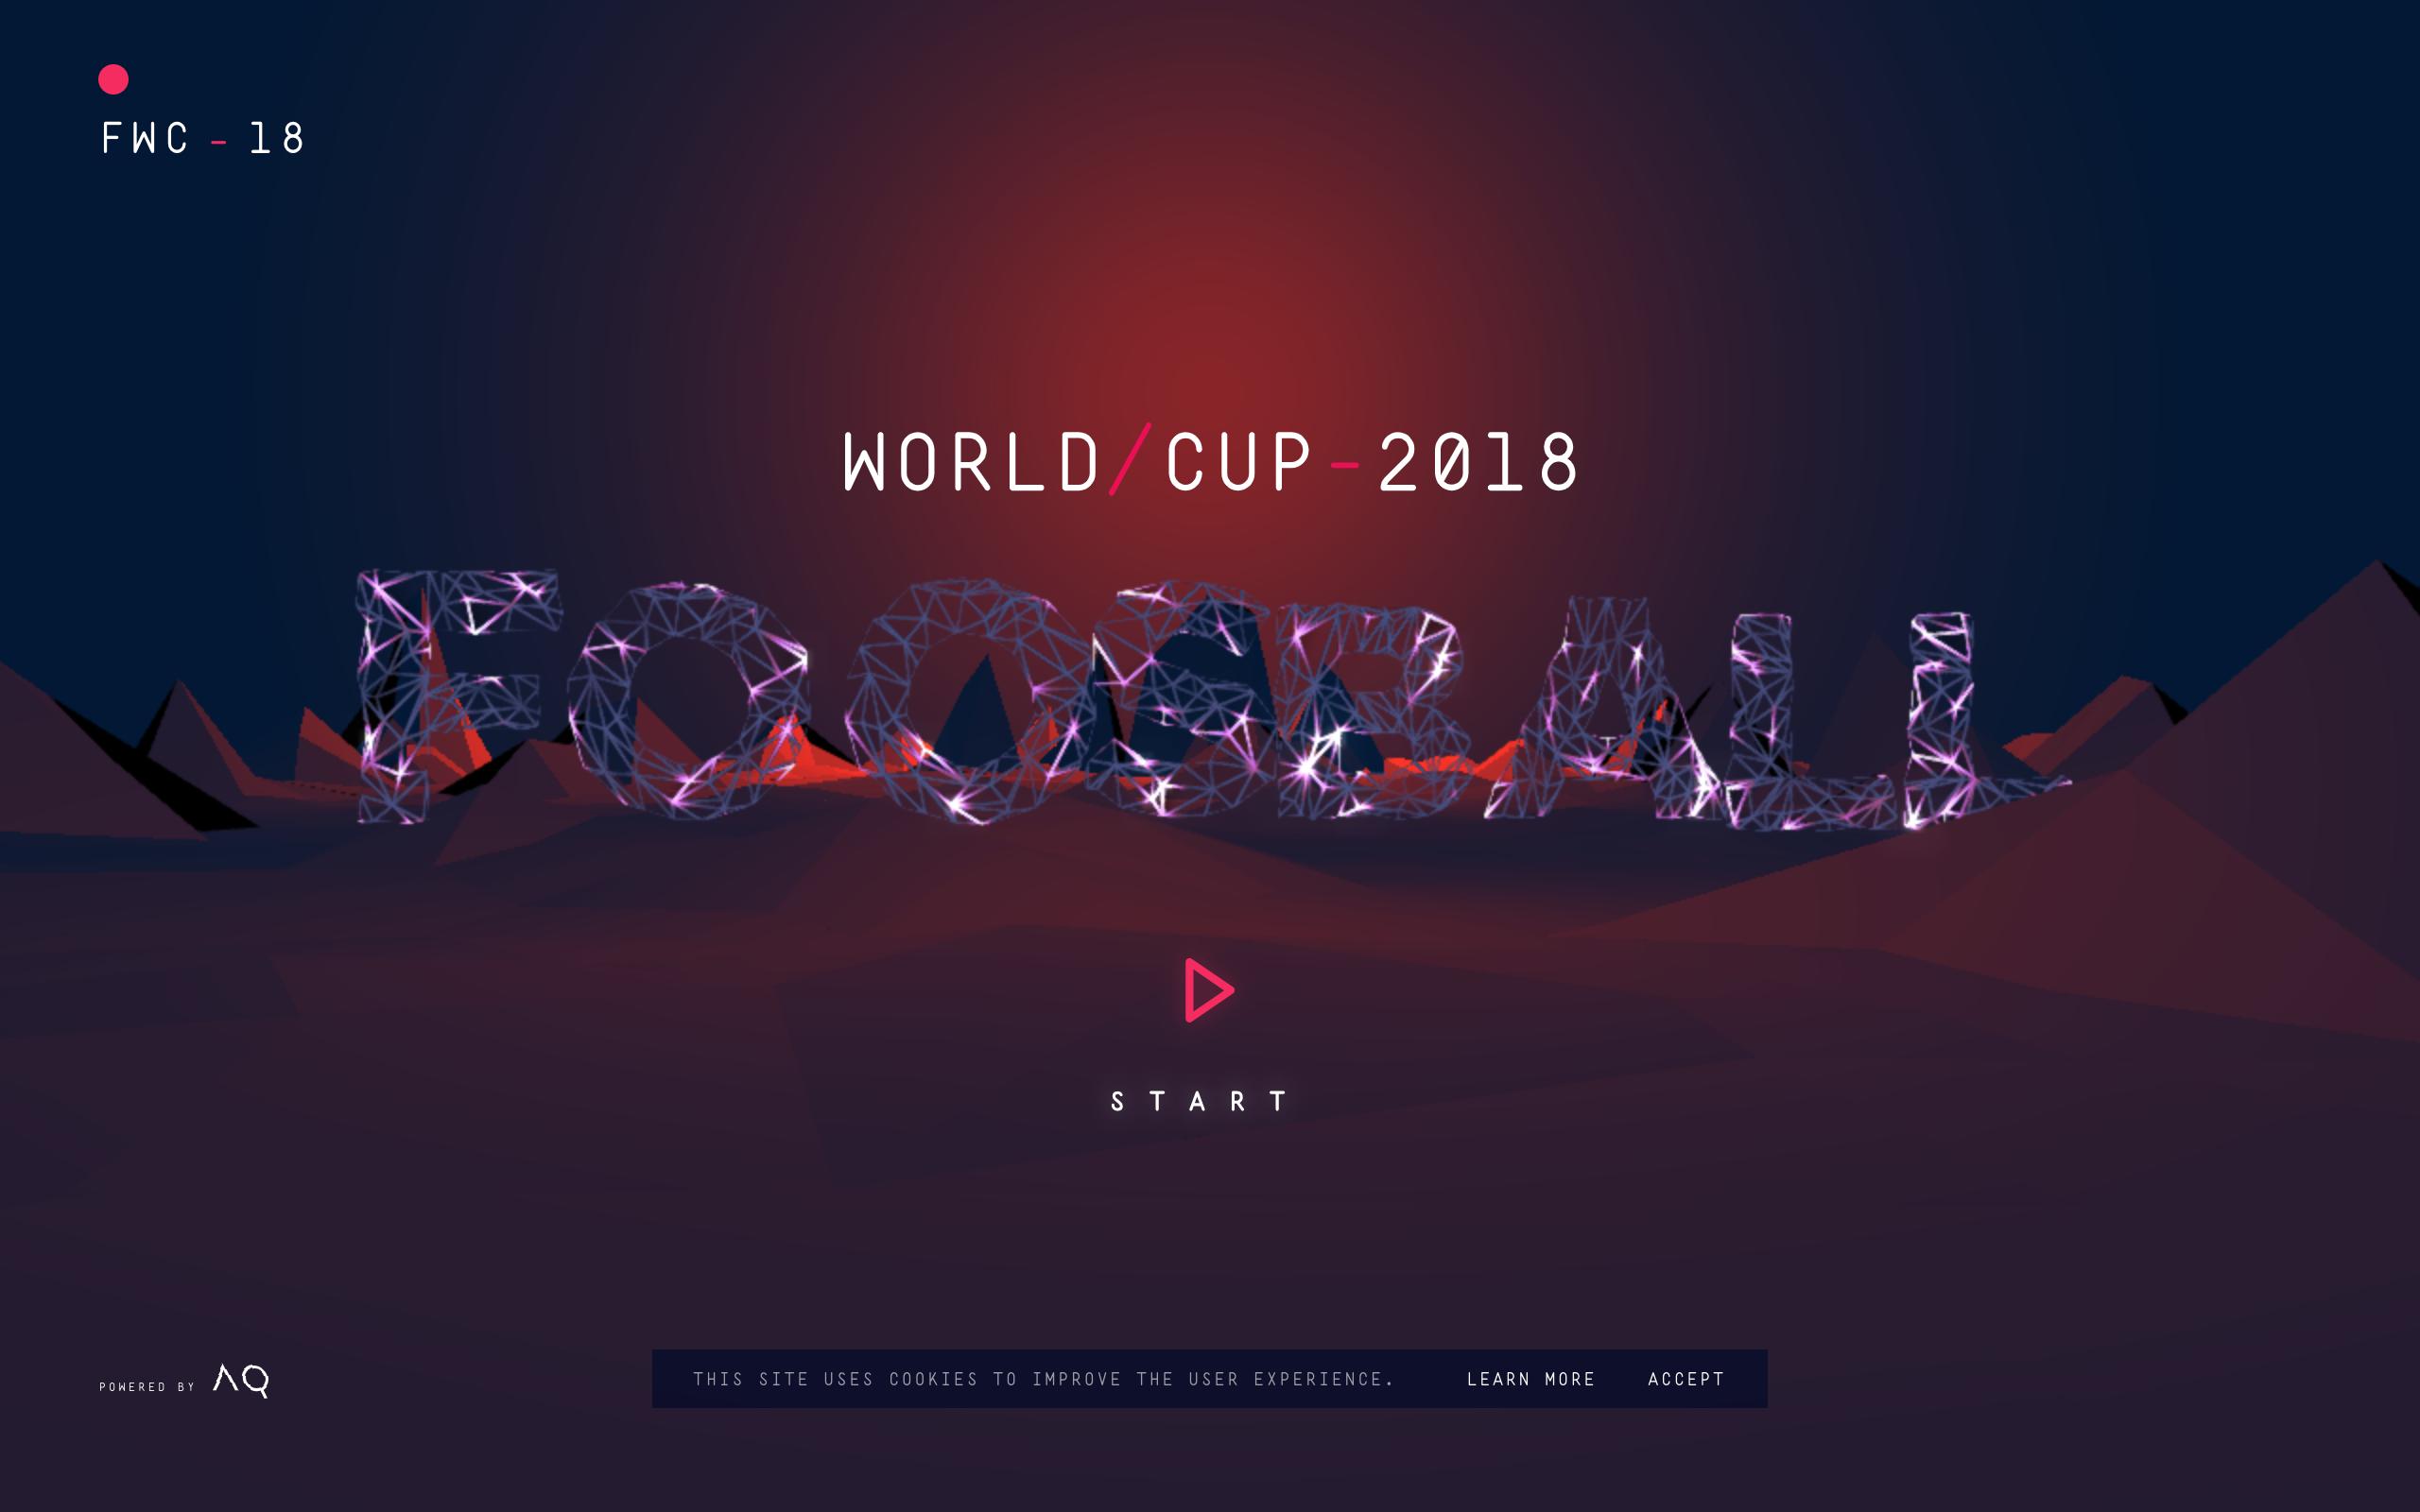 Foosball World Cup 18